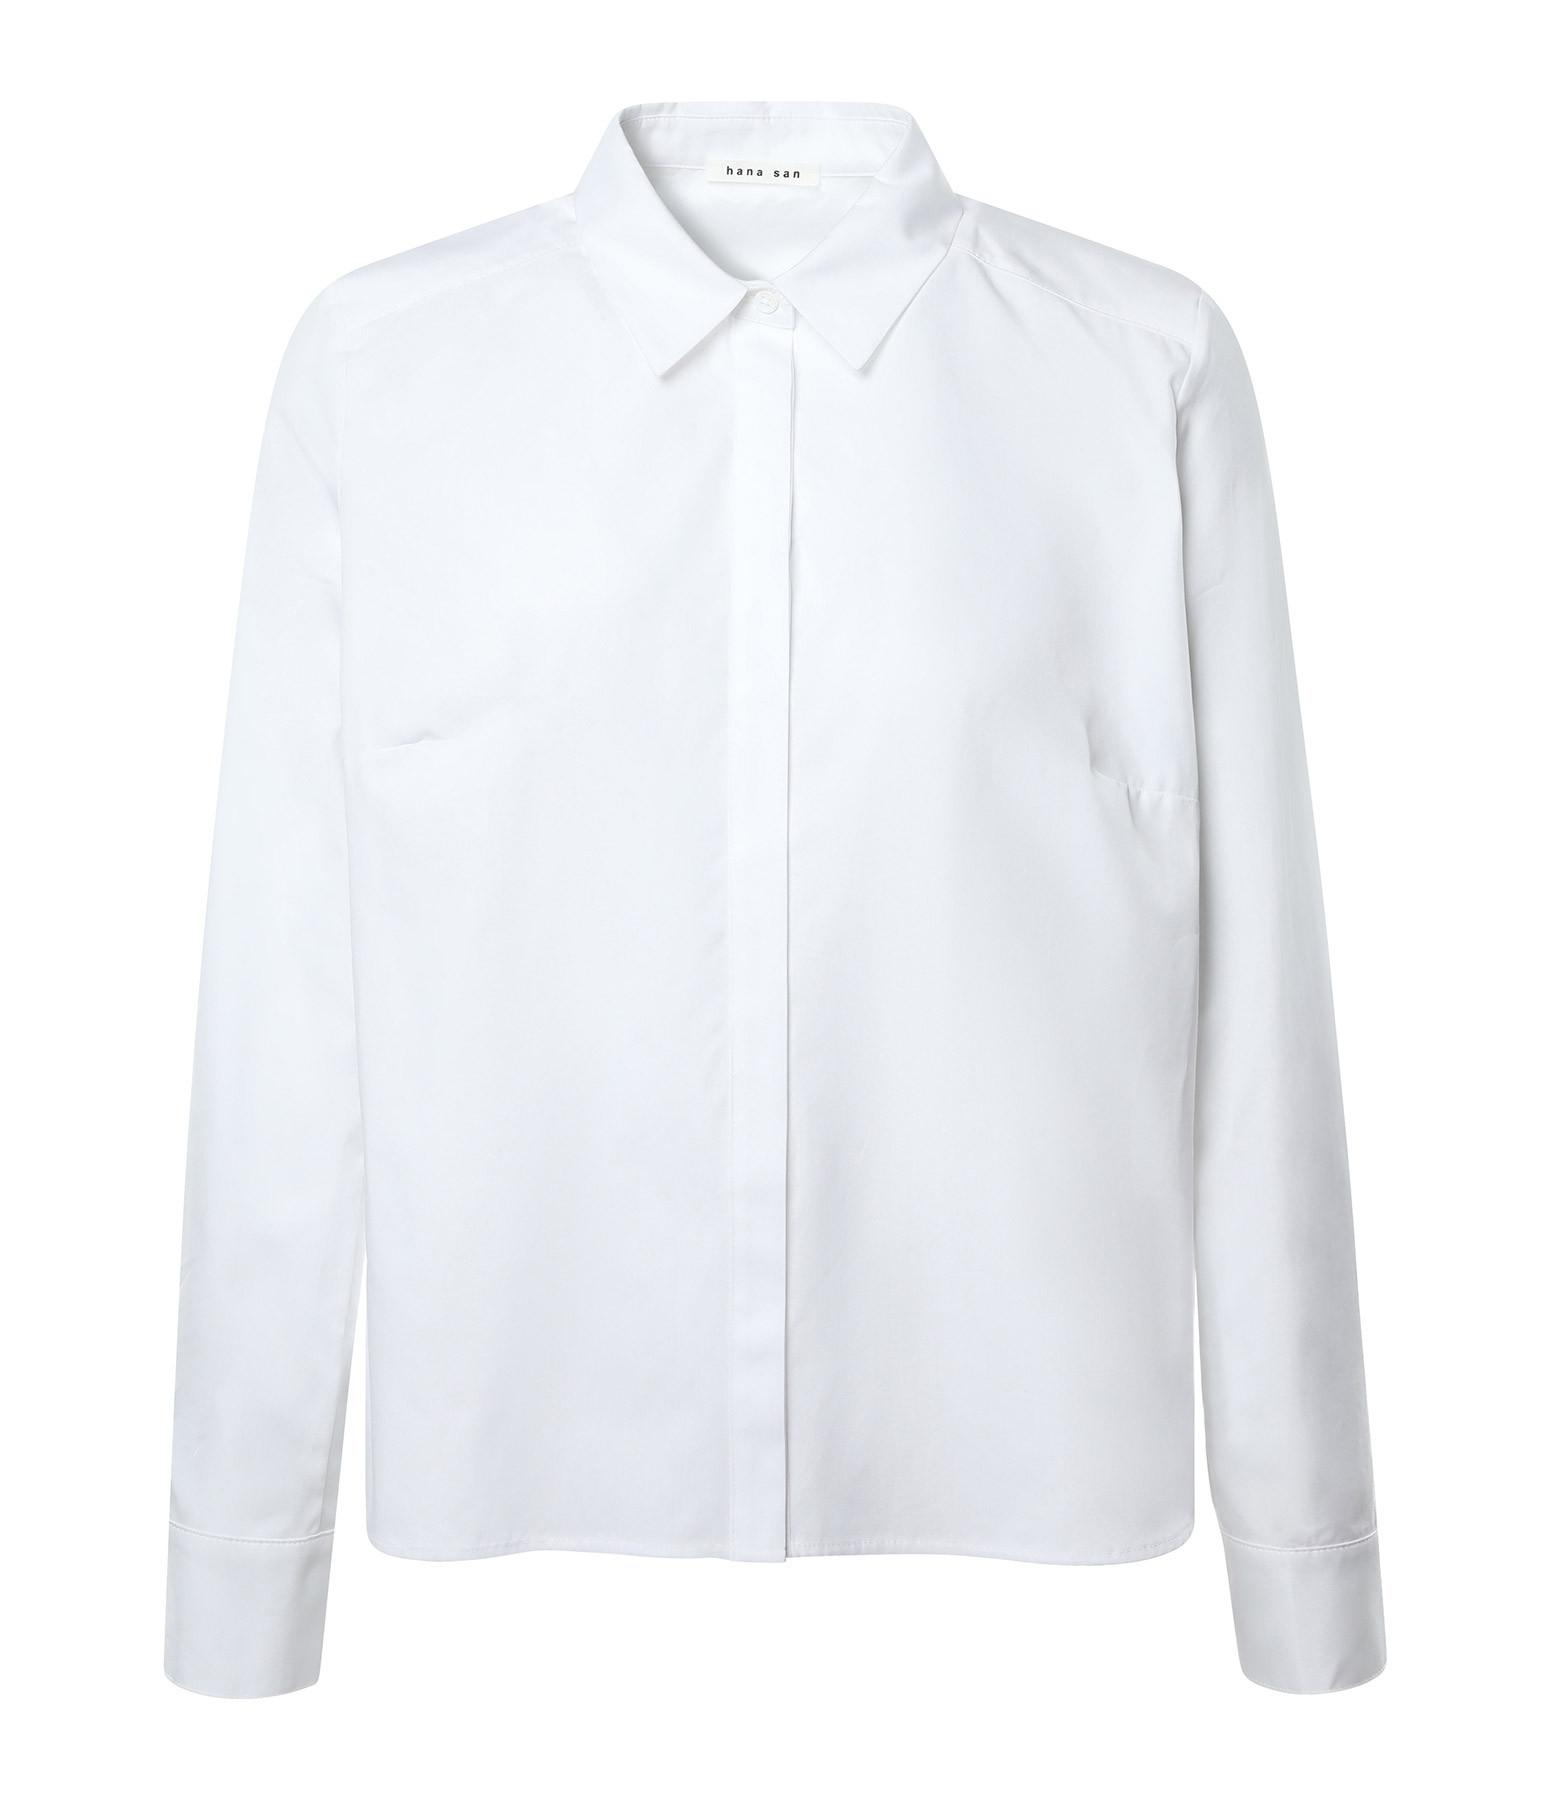 HANA SAN - Chemise Masami Blanc